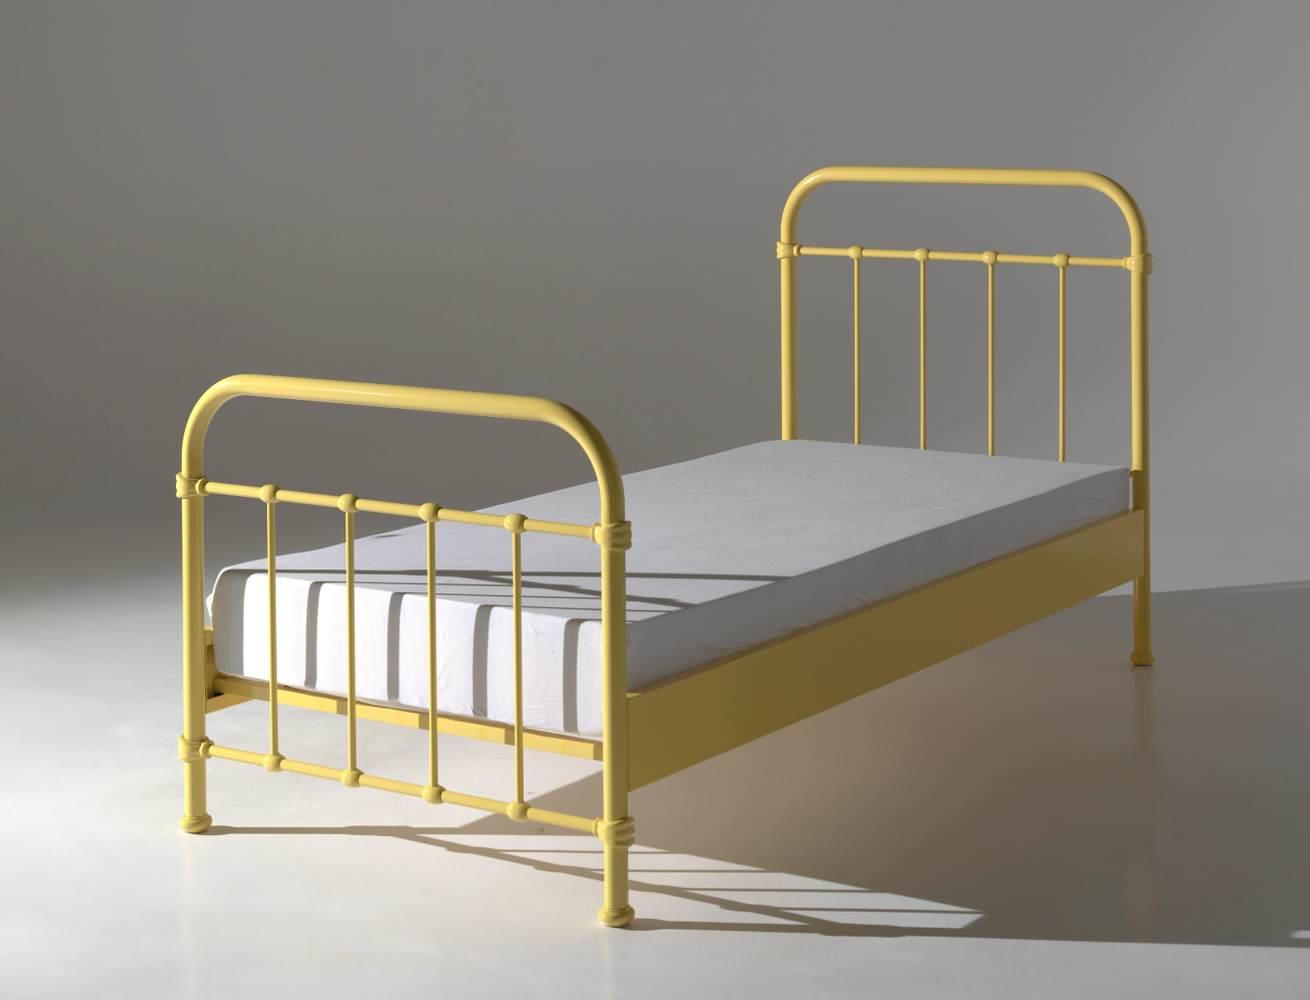 Vipack 'New York' Einzelbett gelb, 90x200 cm Bild 1